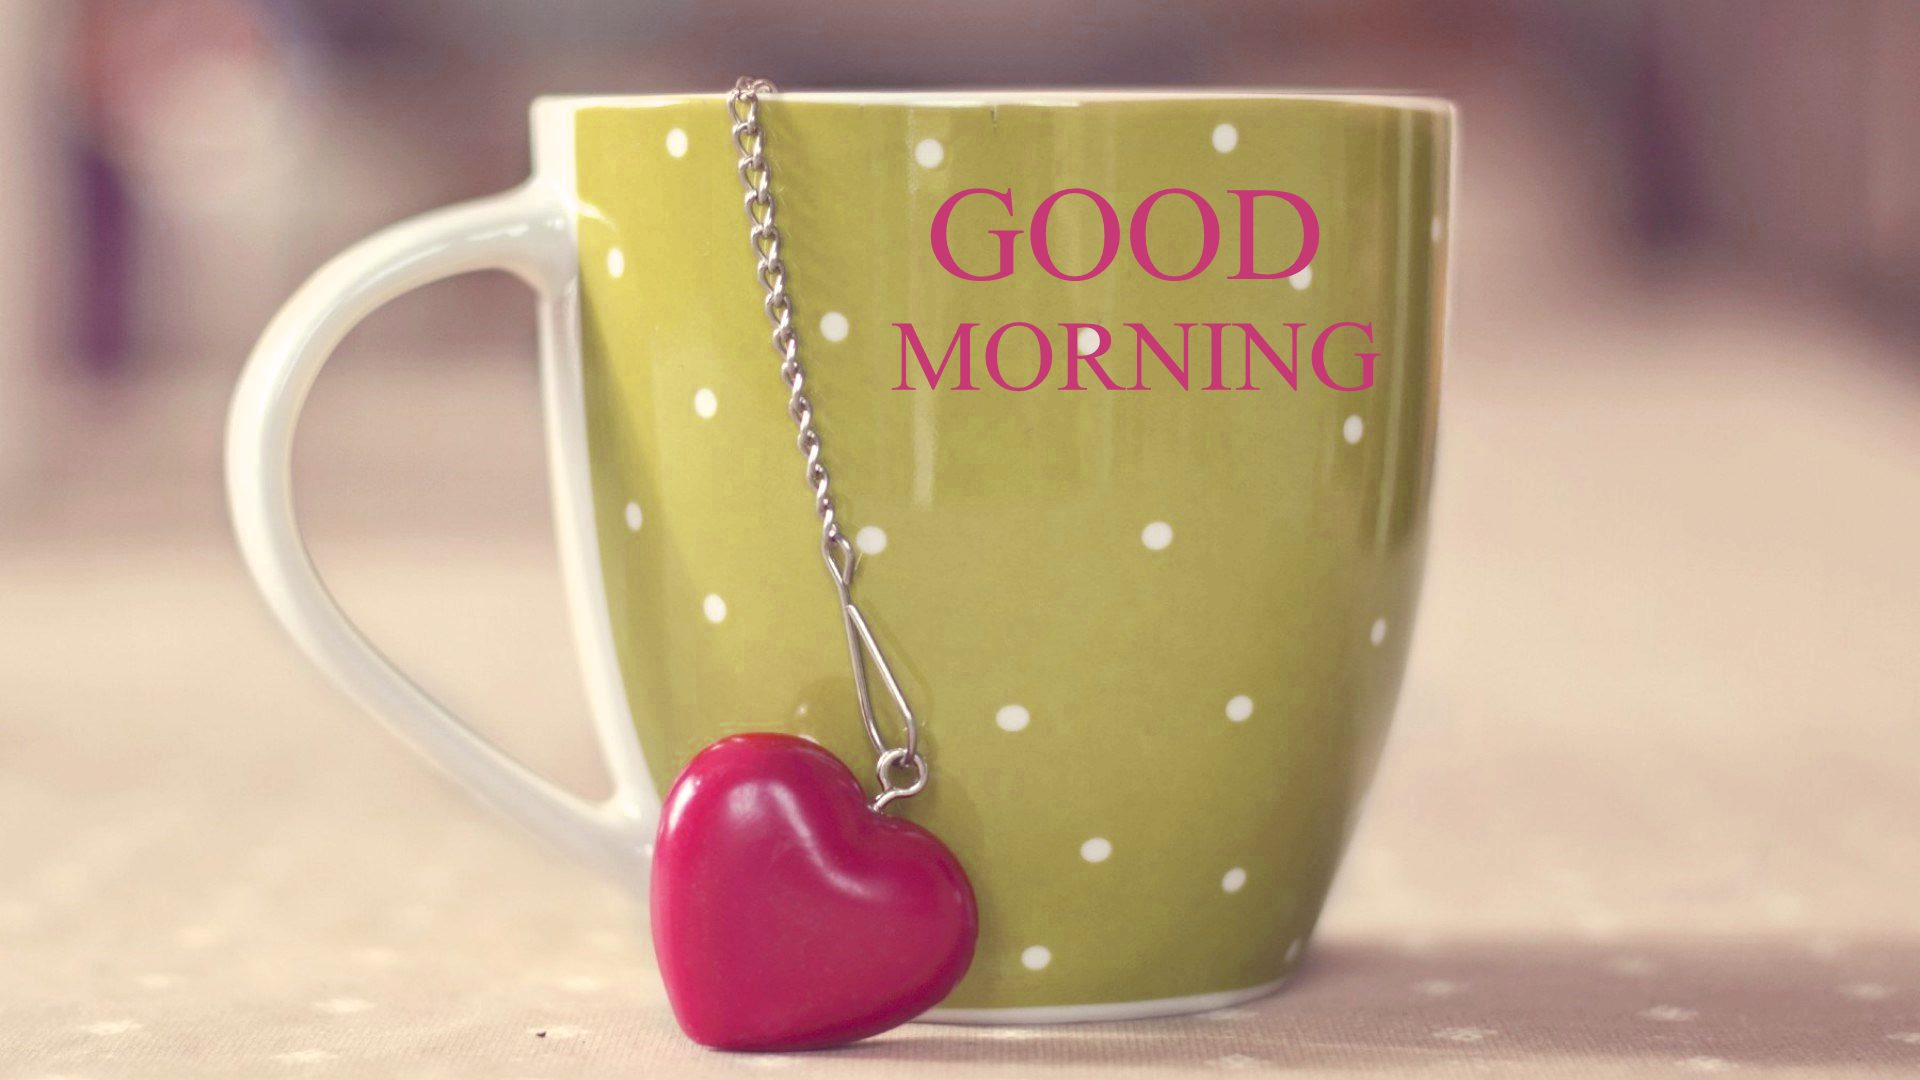 بالصور صباح الخير رومانسية , اقيم واشيك صور صباح الخير لاحبابنا 4994 10